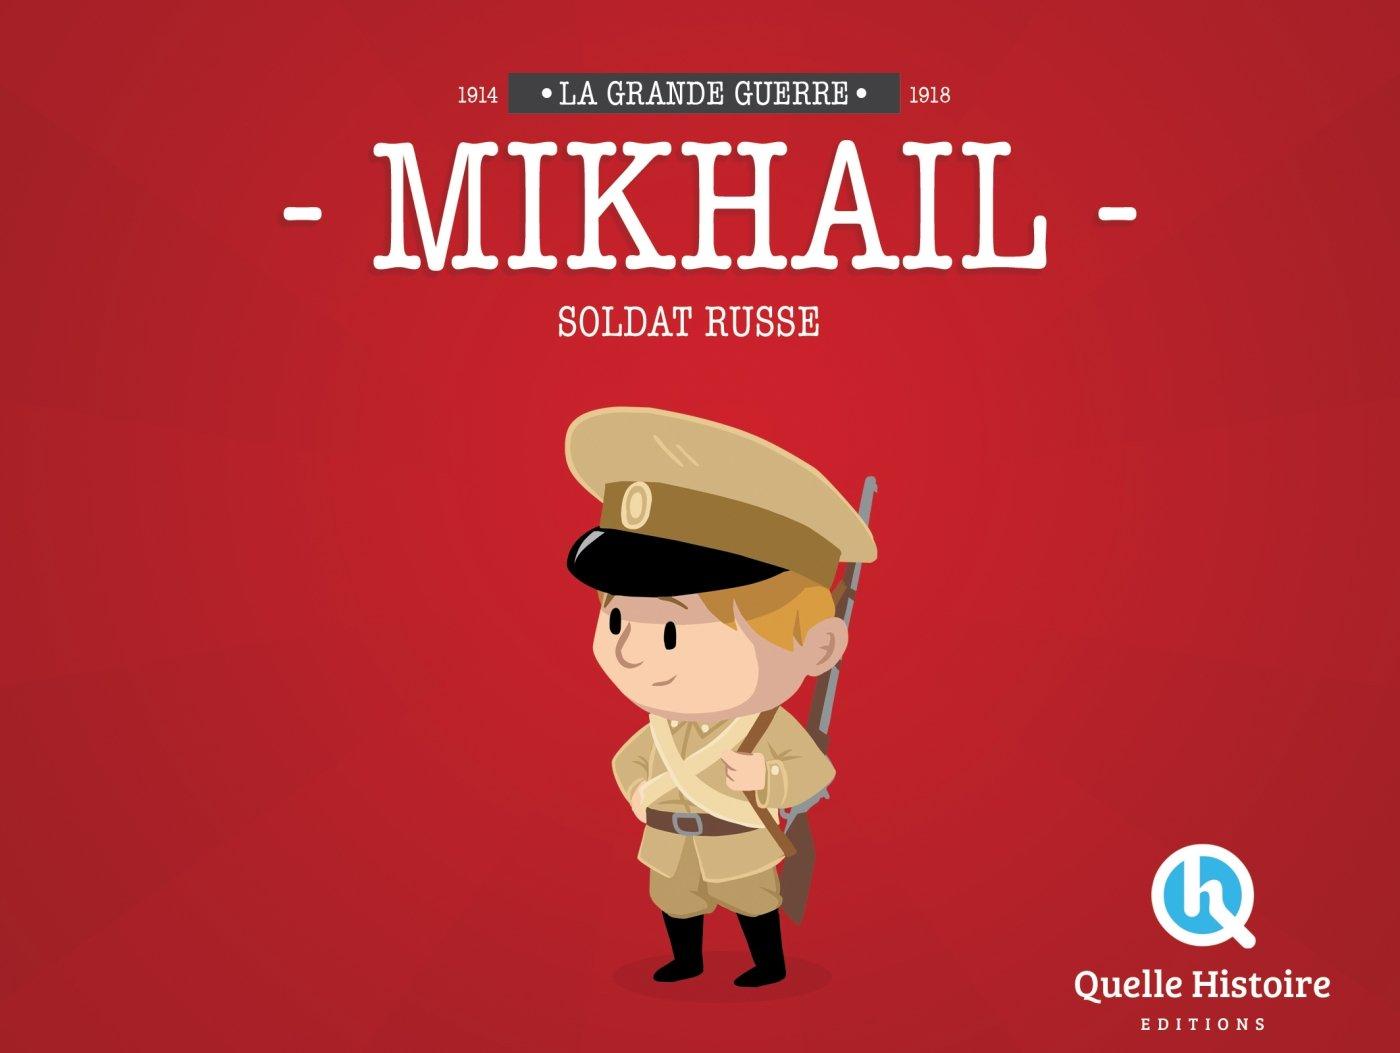 Mikhail, Soldat Russe en 14-18 Album – 1 octobre 2014 Patricia Crété Bruno Wennagel Mathieu Ferret Quelle Histoire Editions